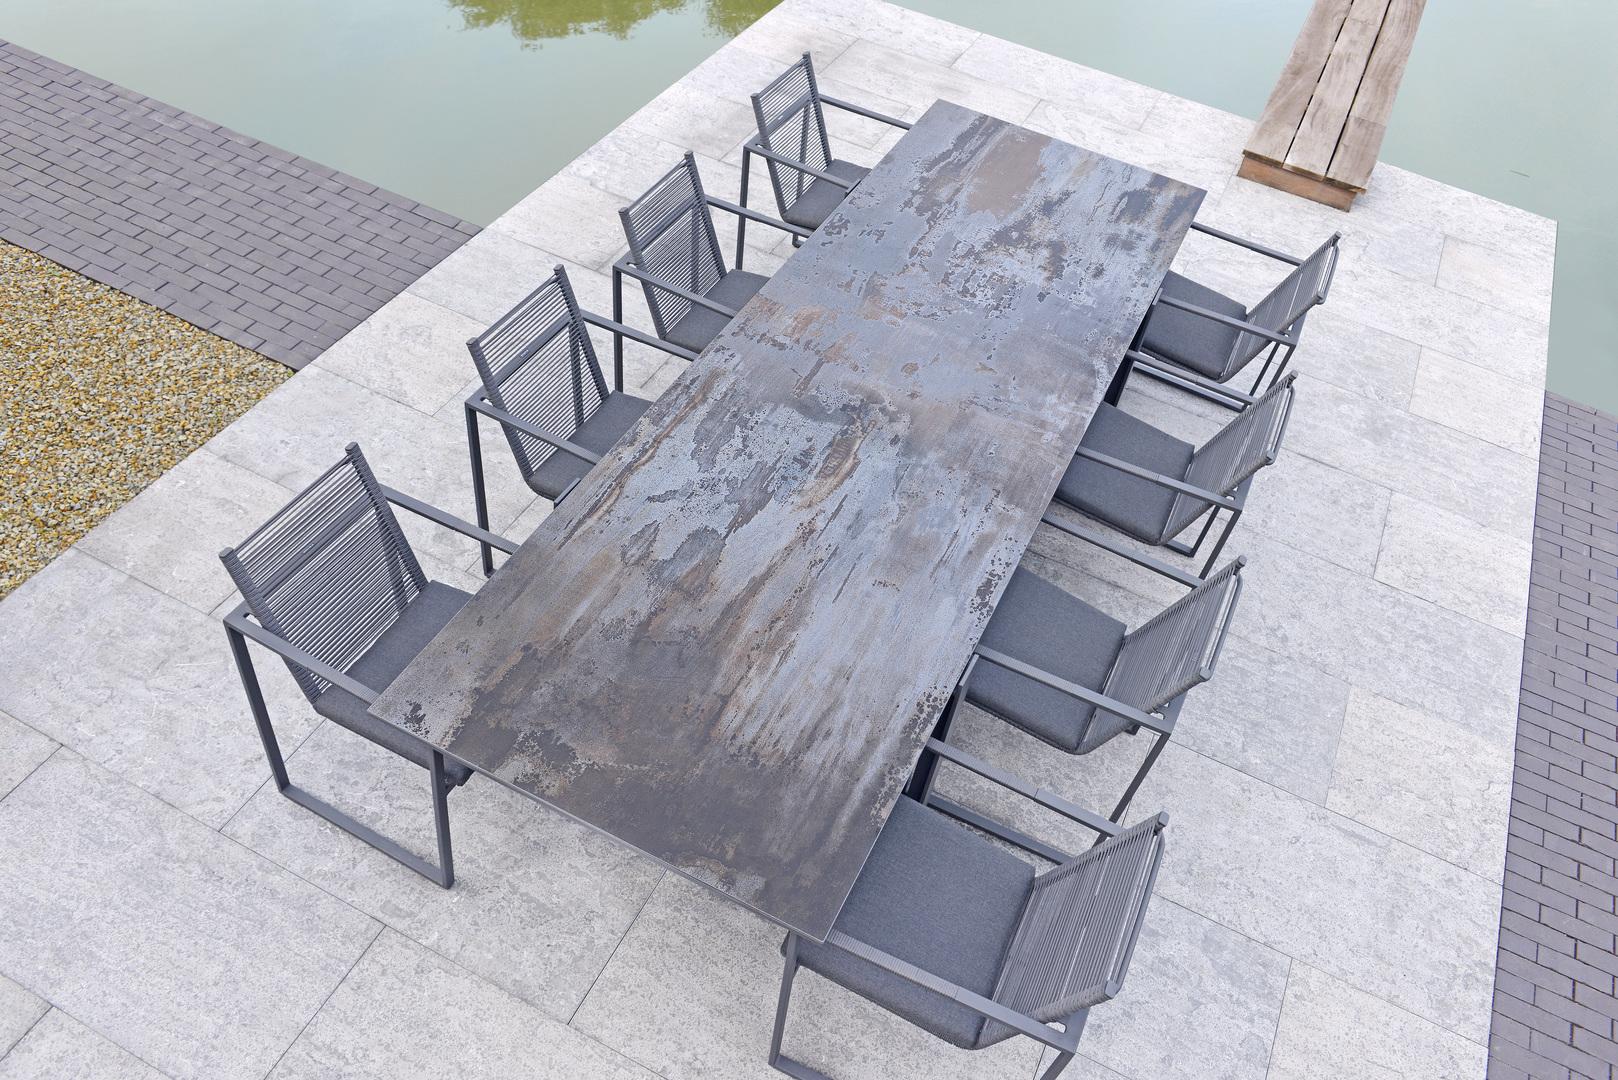 2018 Borek Dekton Faro table Bertram Beerbaum - rope Andria chair Studio Borek.jpg